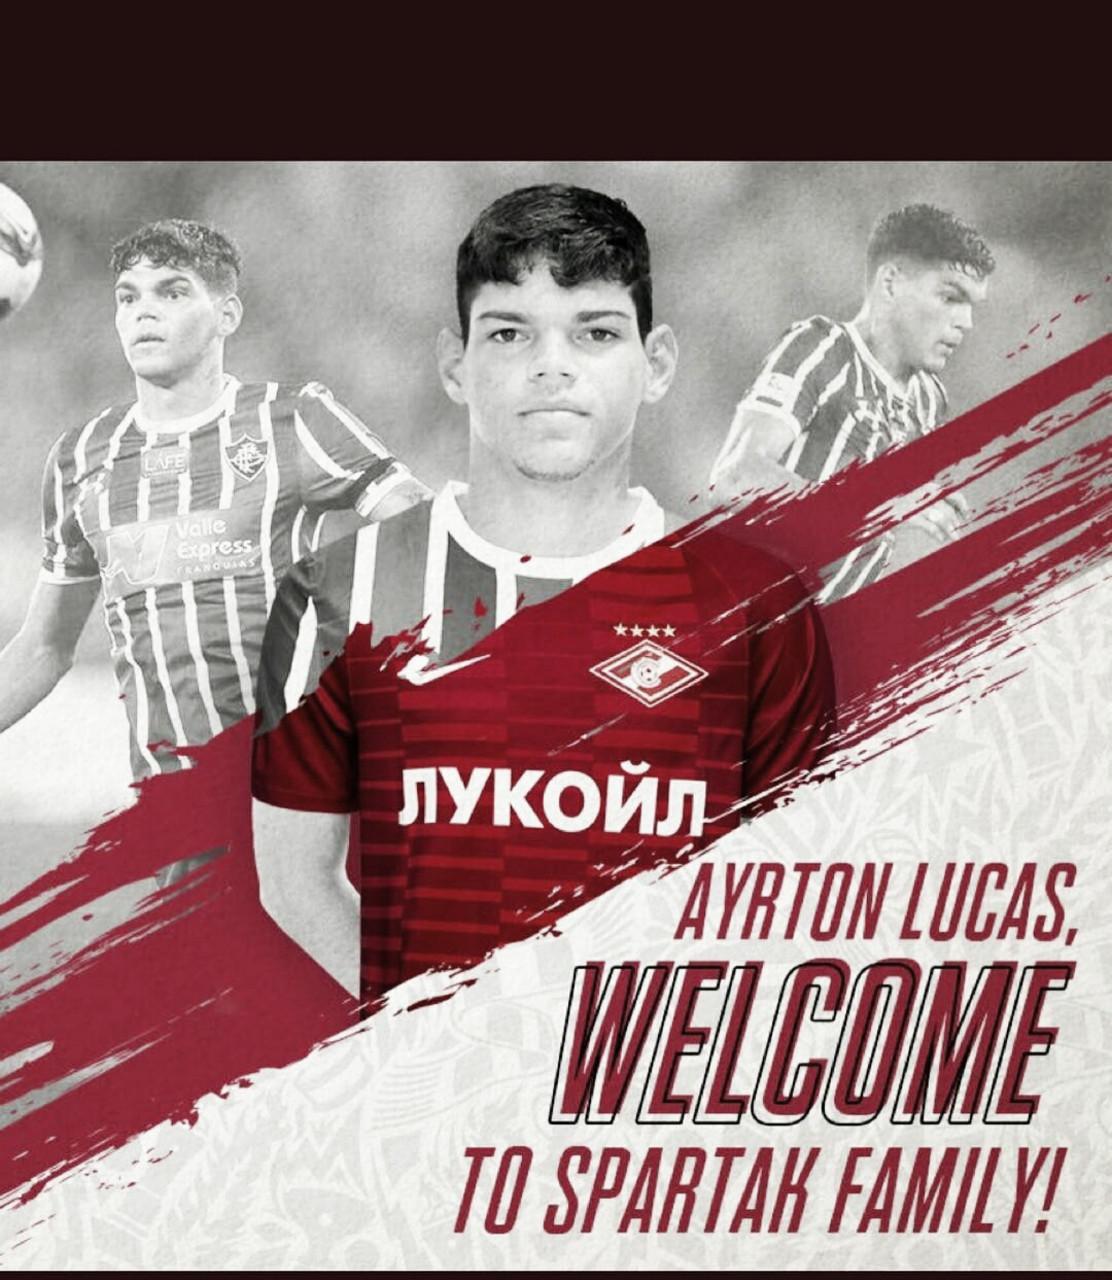 Spartak Moscou anuncia contratação de Ayrton Lucas, ex-Fluminense